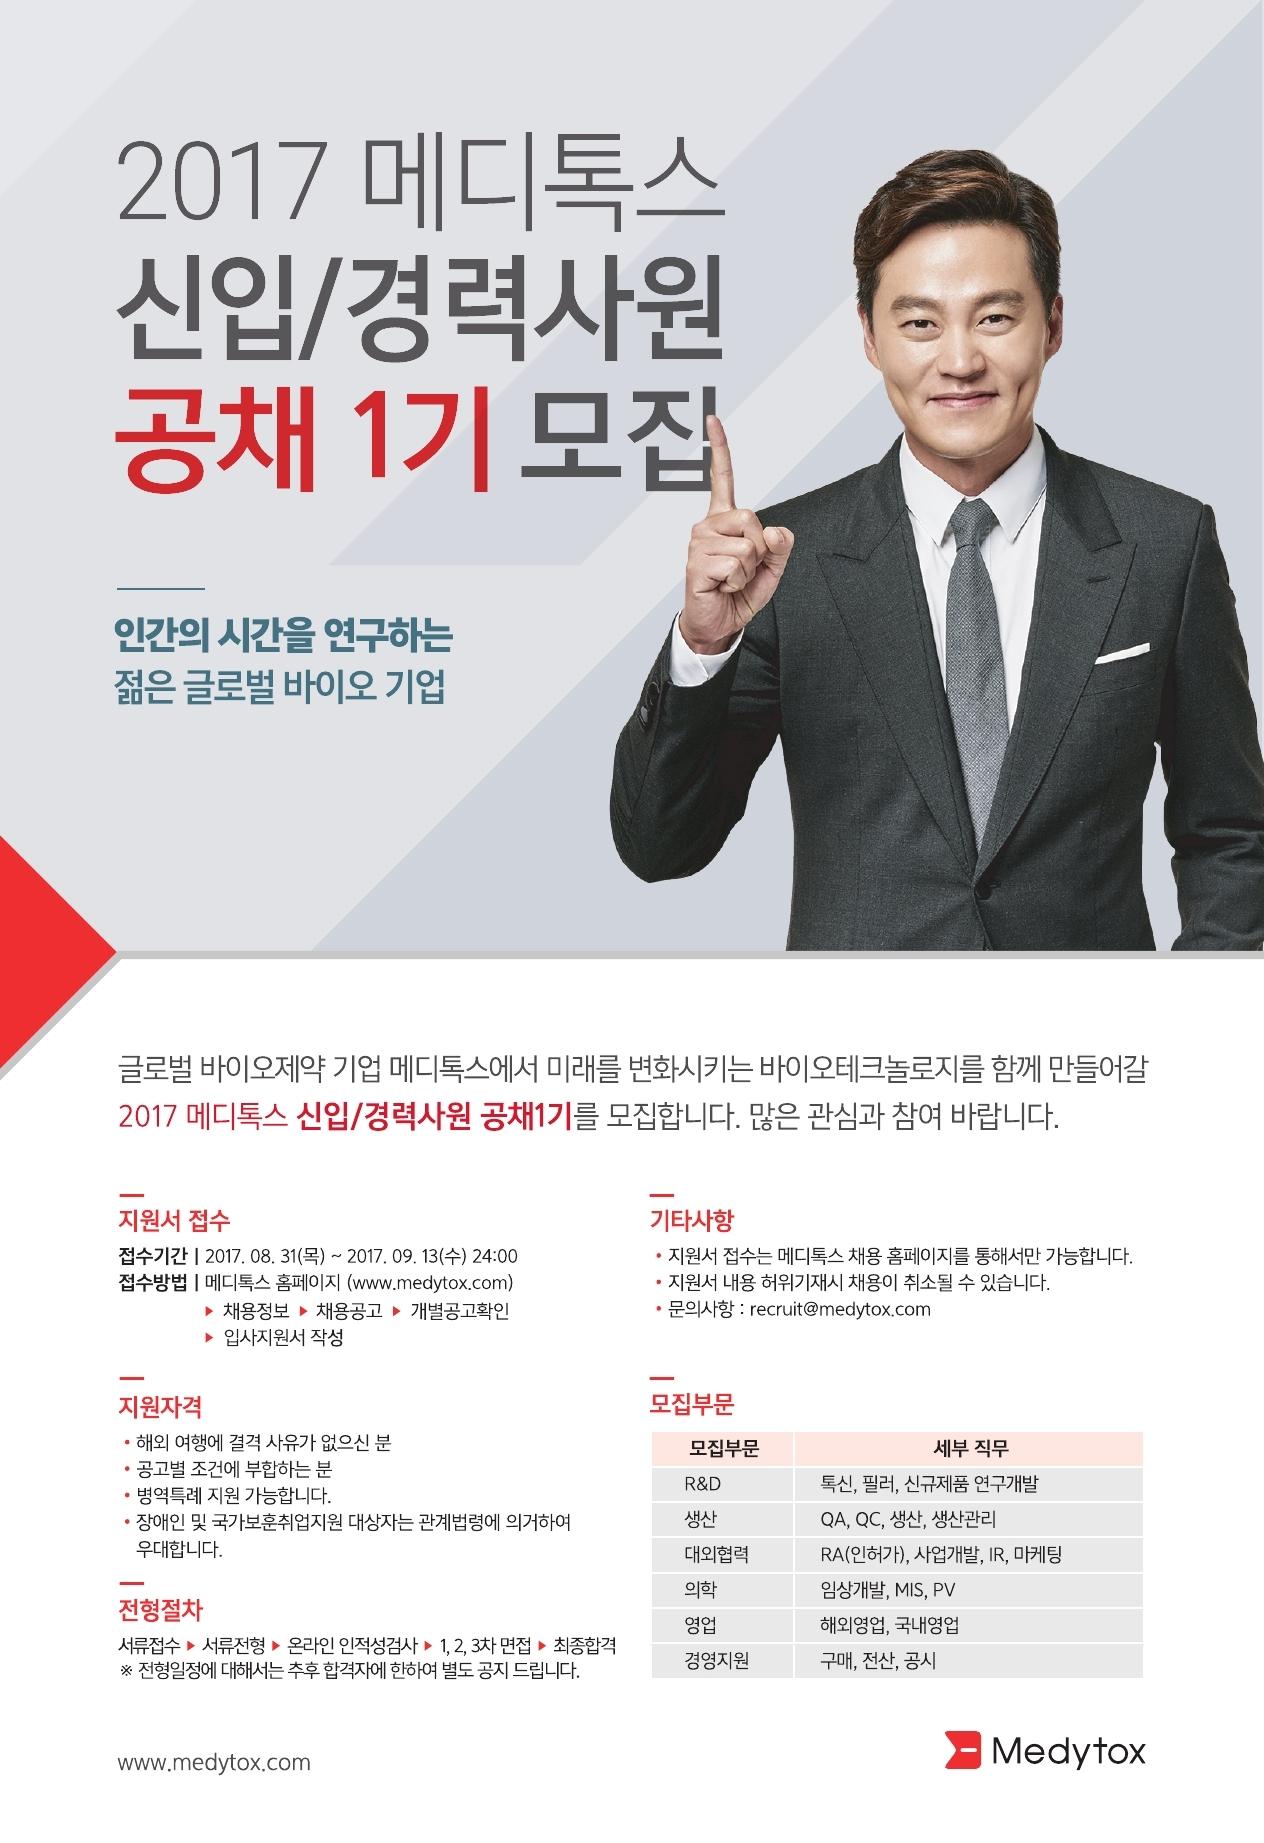 2017 메디톡스 신입 및 경력사원 공채 1기 모집.jpg